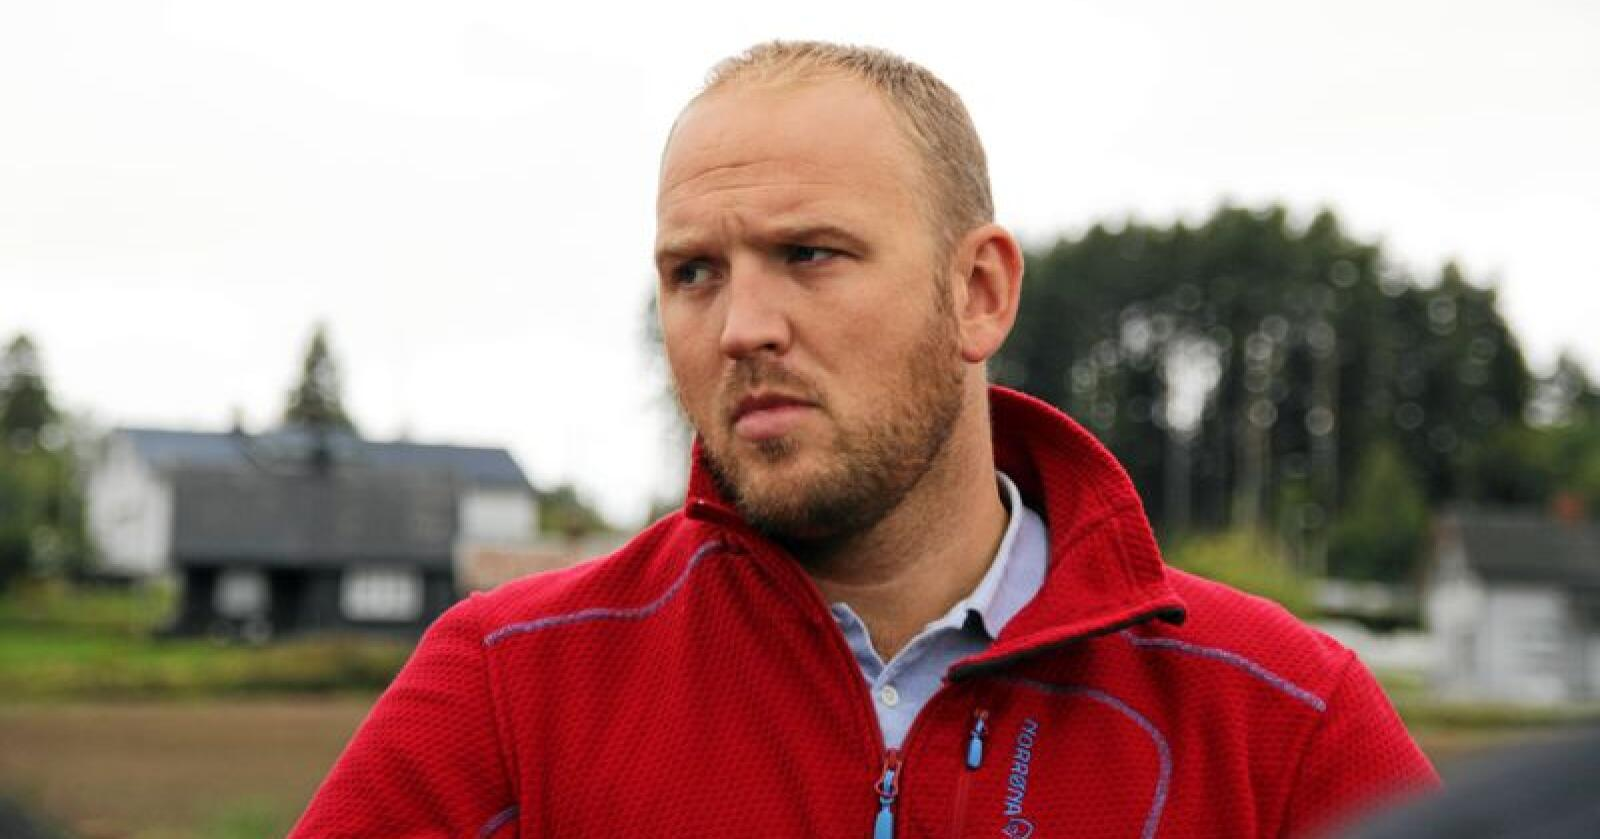 Frp-politikar Jon Georg Dale vil ha med seg Ap på å lukke døra for kjøtkutt. Foto: Lars Bilit Hagen